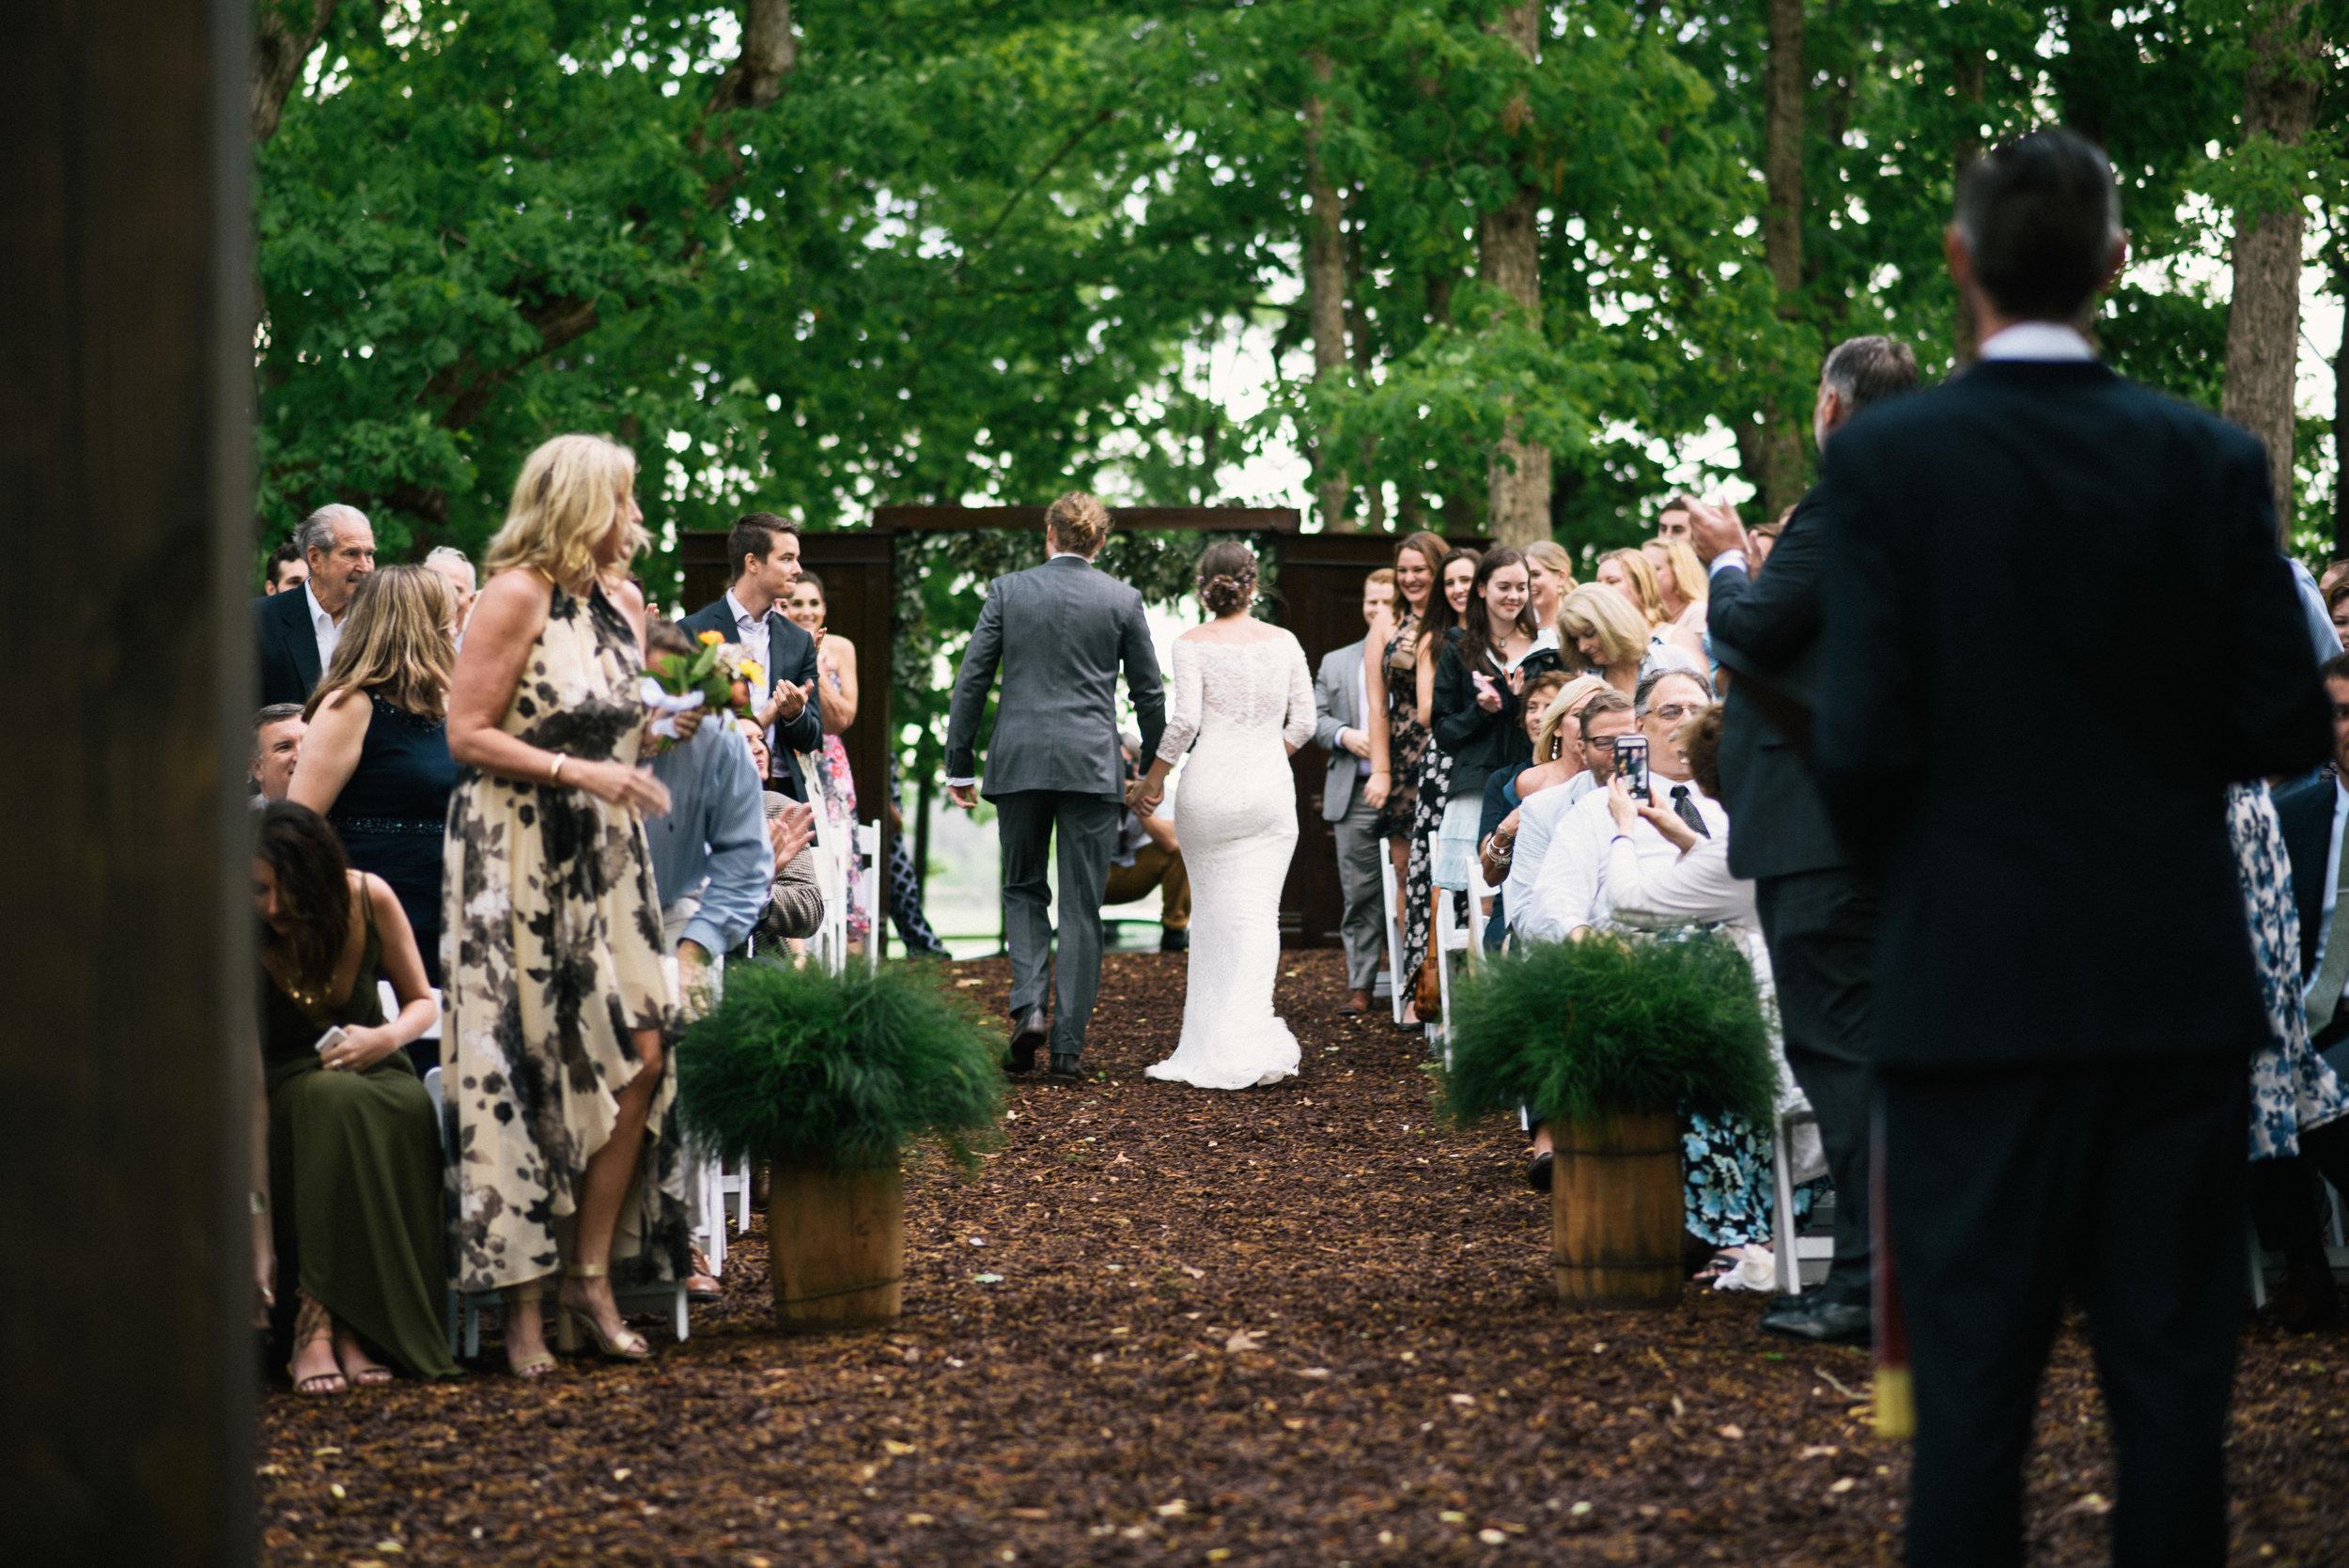 raleigh-elopement-photographer-raleigh-durham-wedding-maddie-and-devin- (115 of 162).jpg